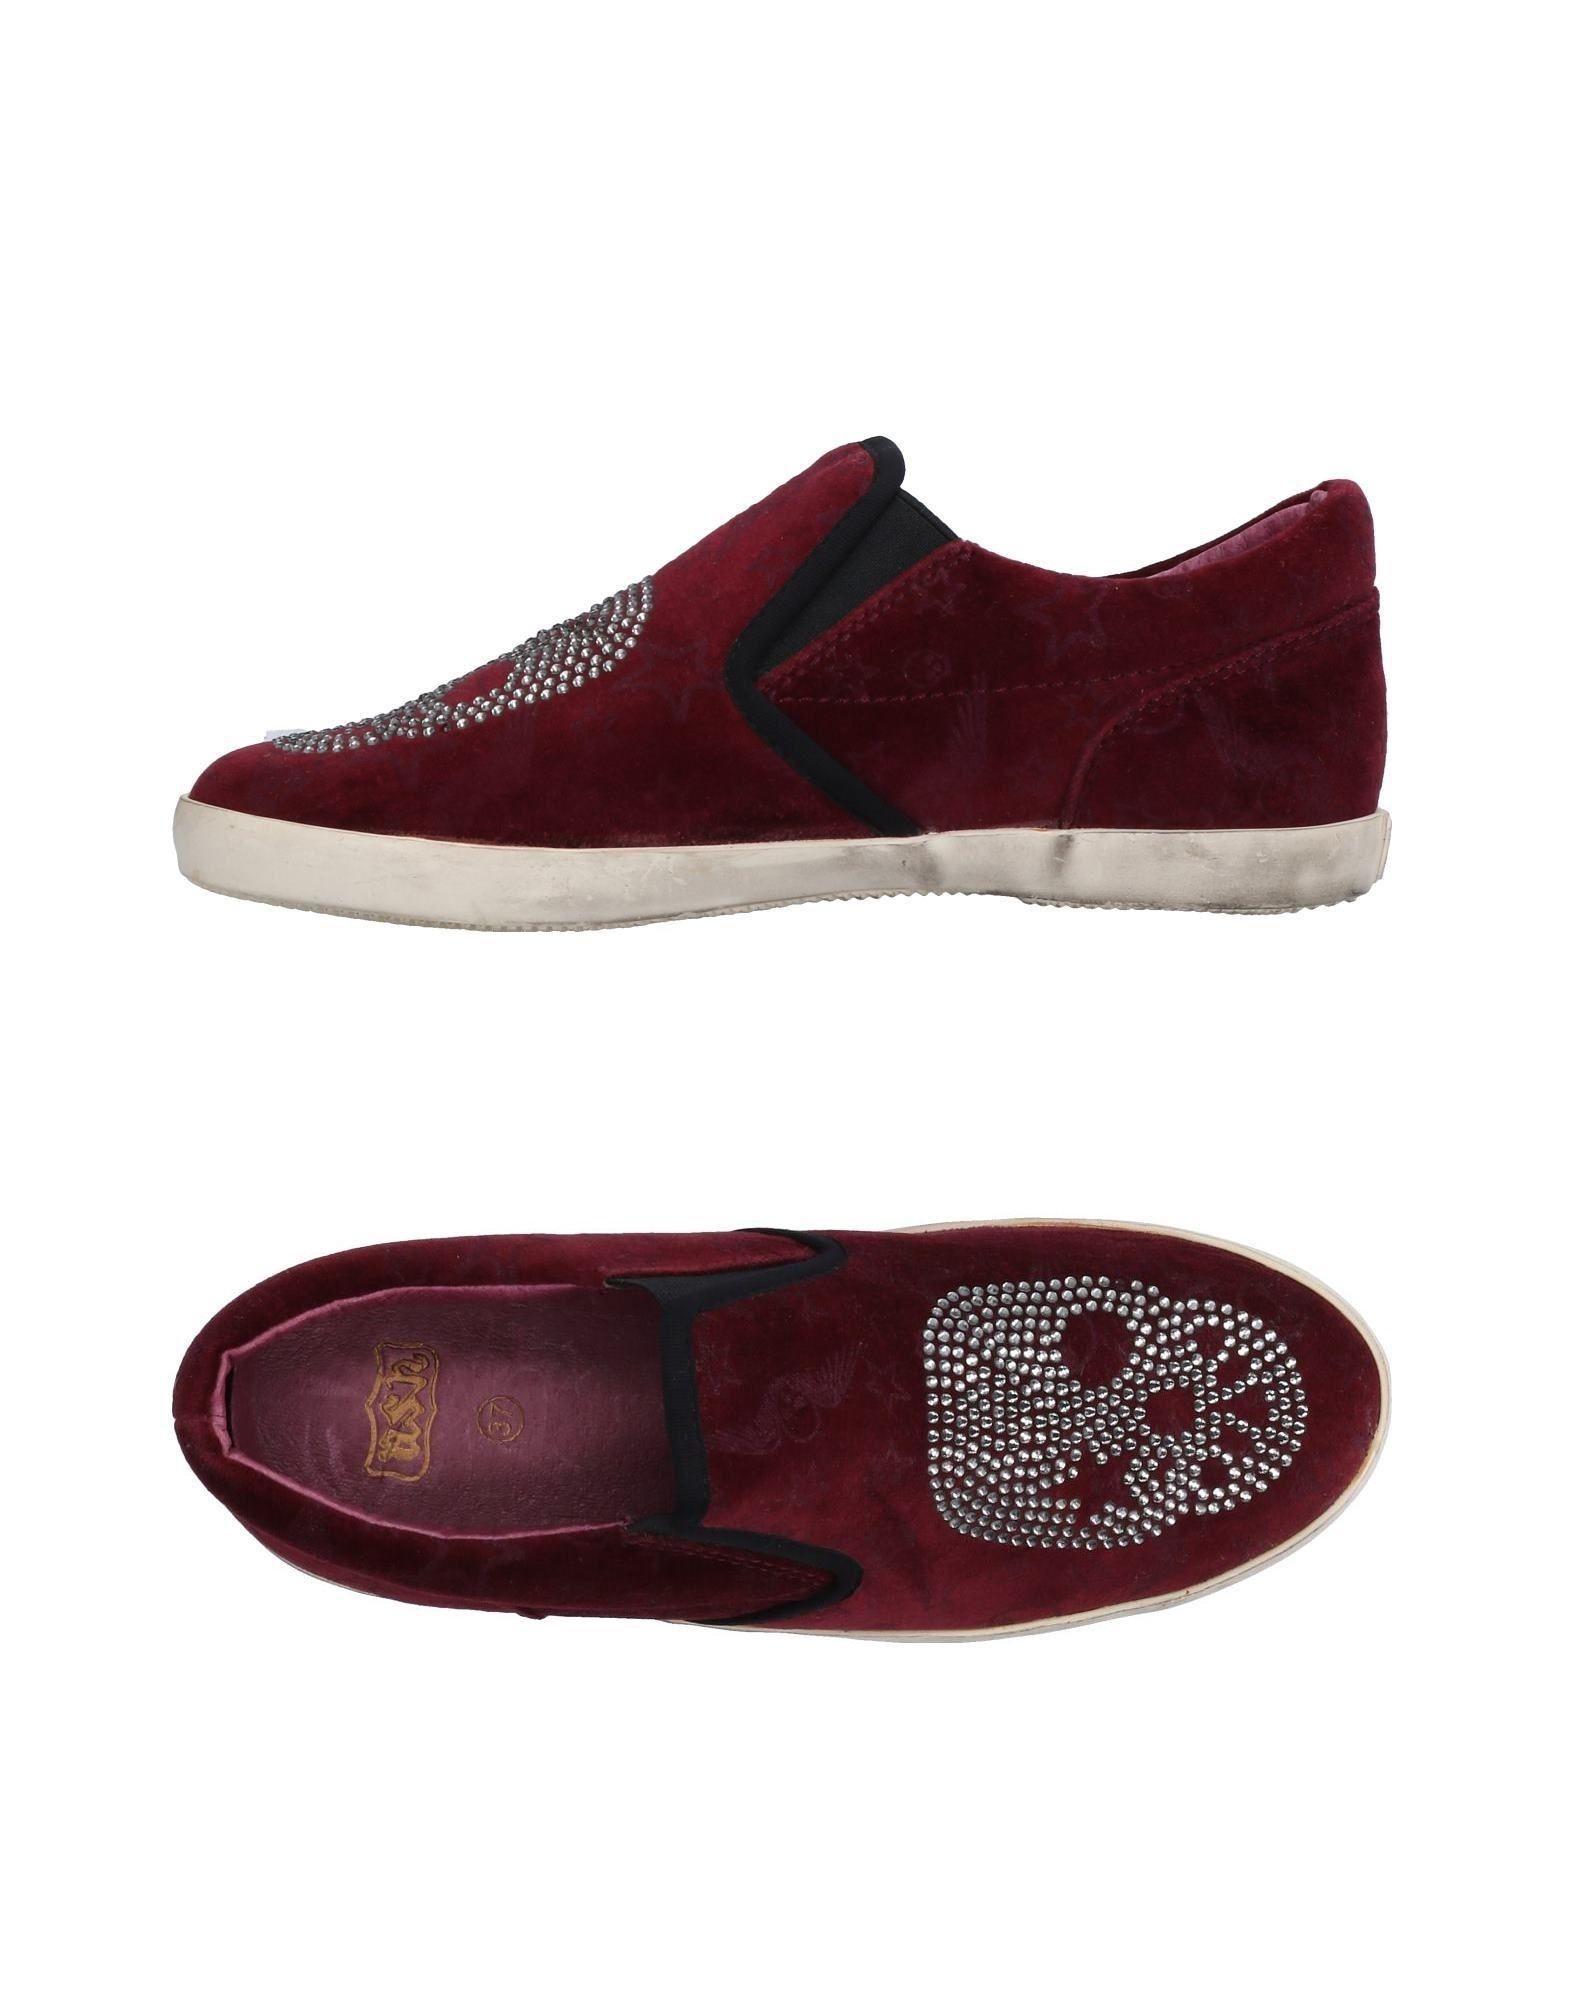 Baskets Ash Femme - Baskets Ash Bordeaux Nouvelles chaussures pour hommes et femmes, remise limitée dans le temps